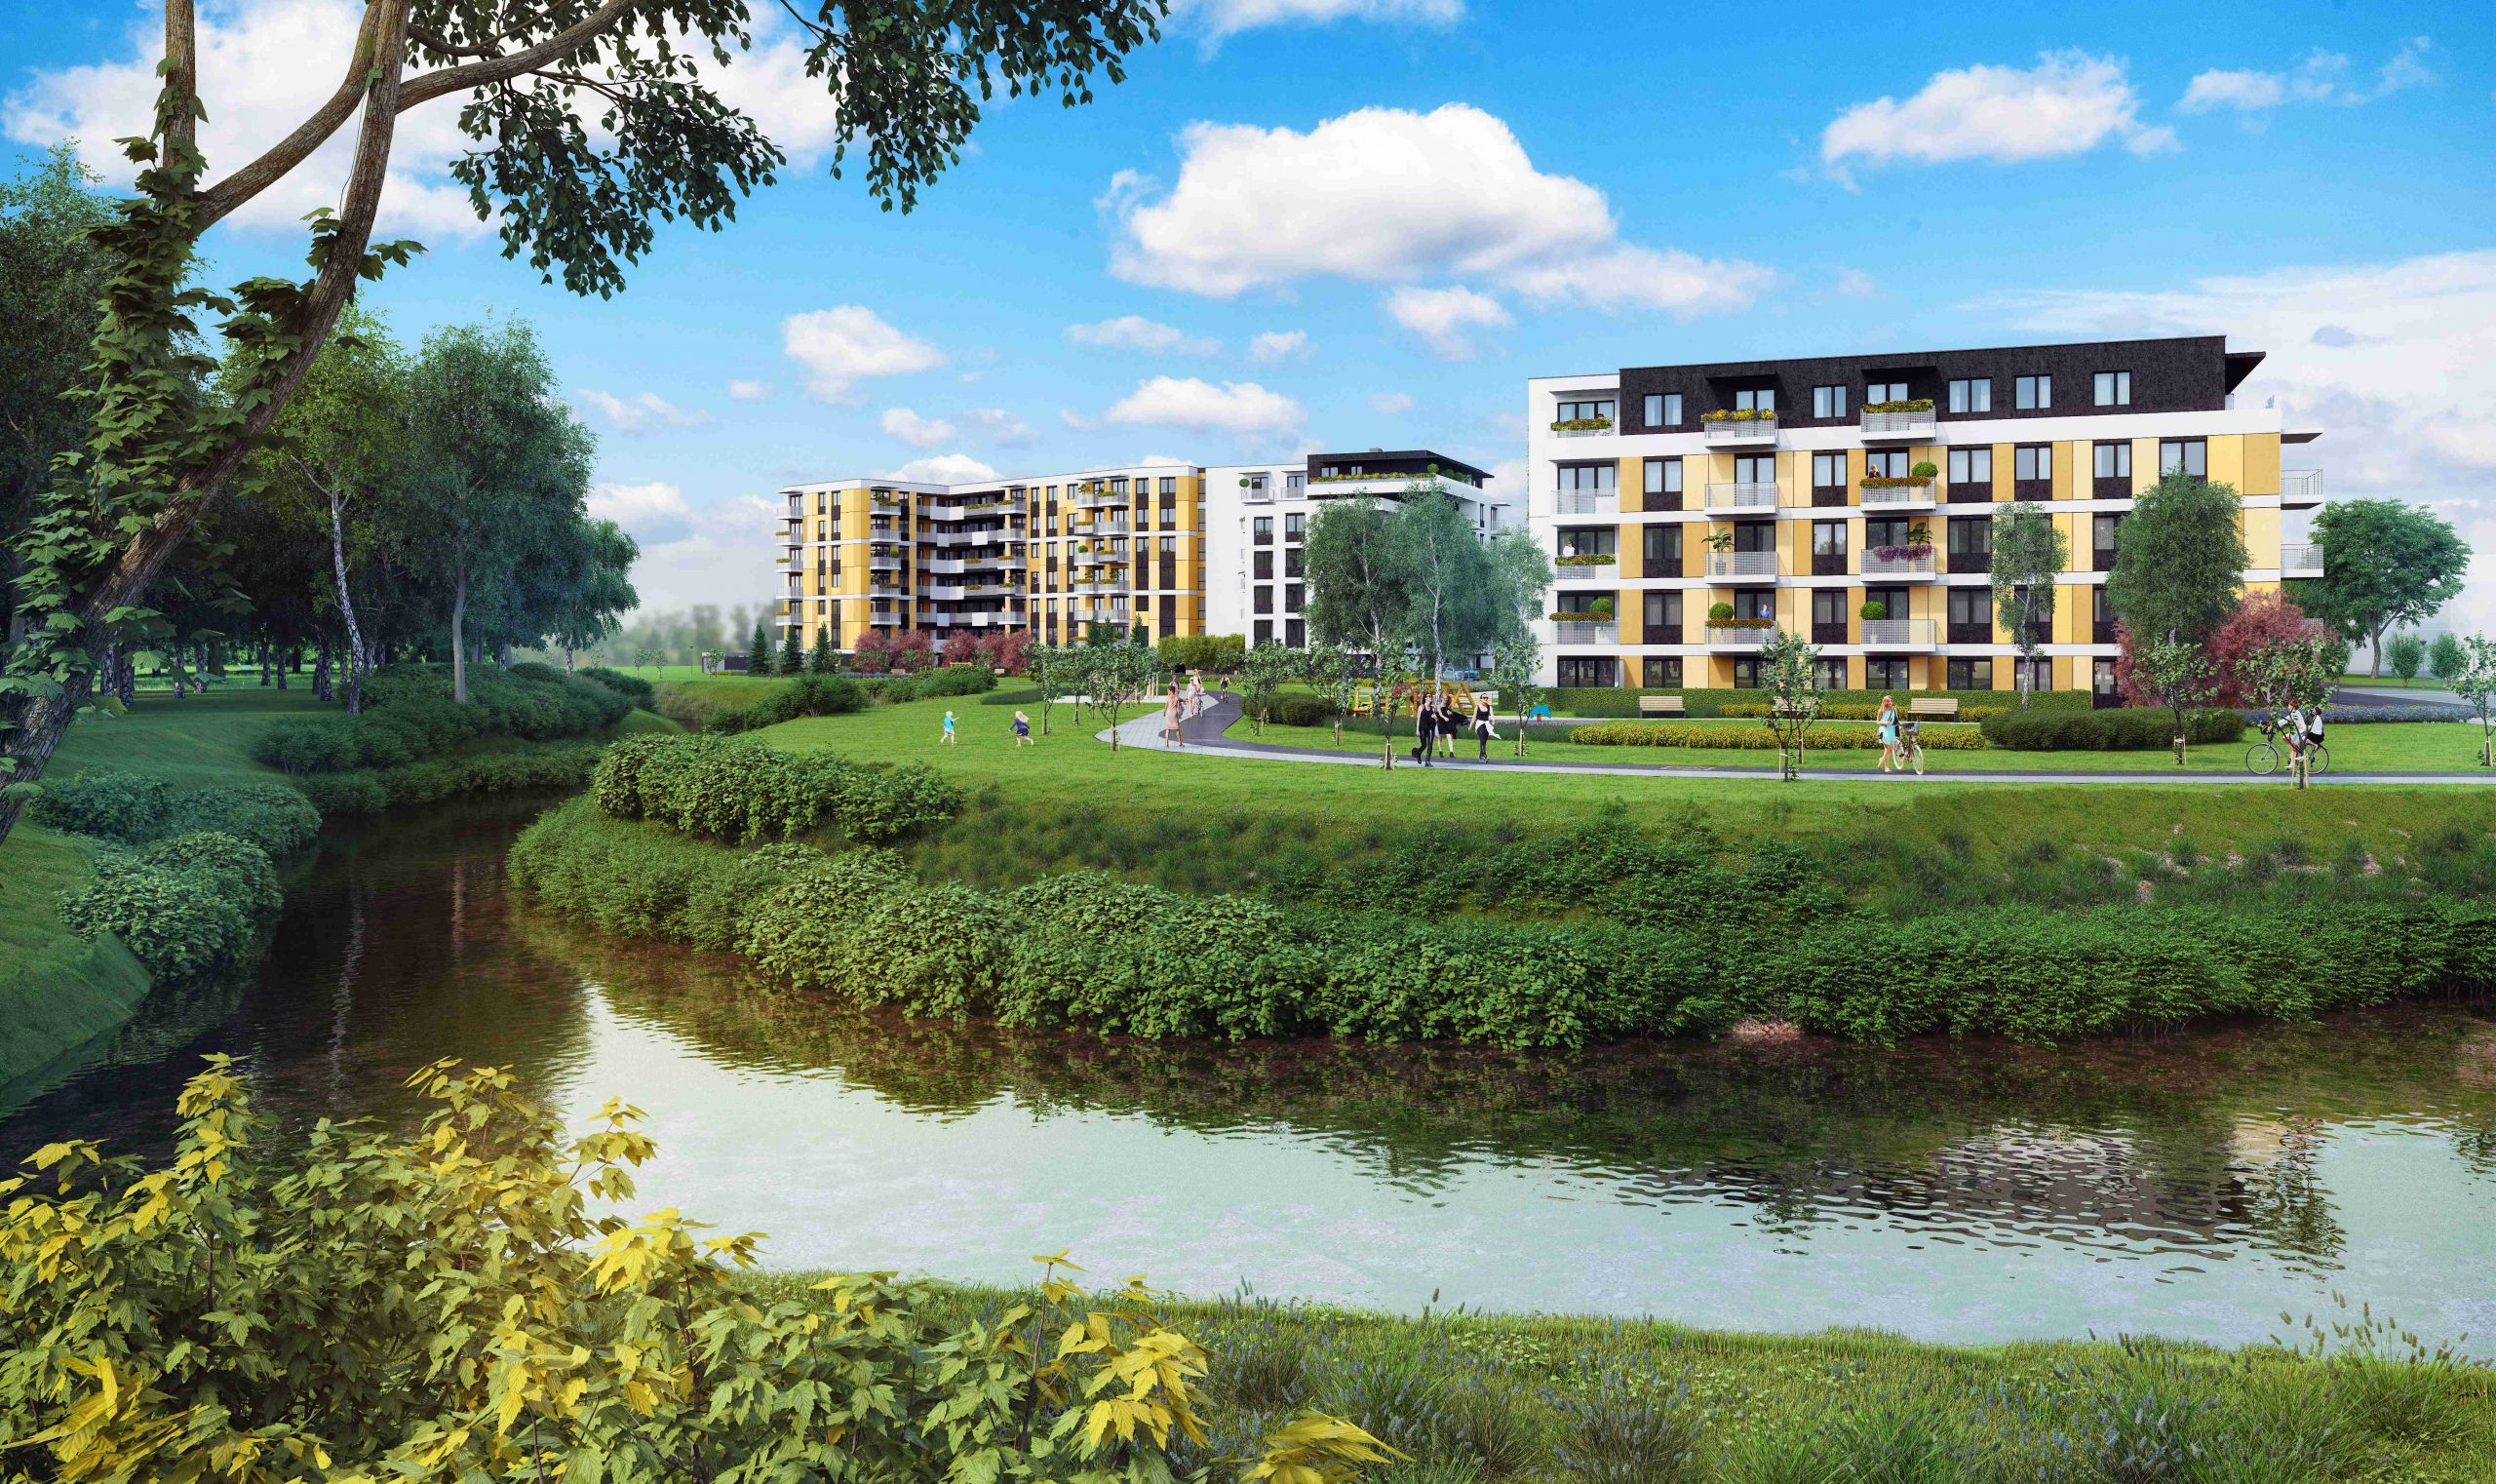 Nowe mieszkania w Krakowie – dzielnica Ruczaj